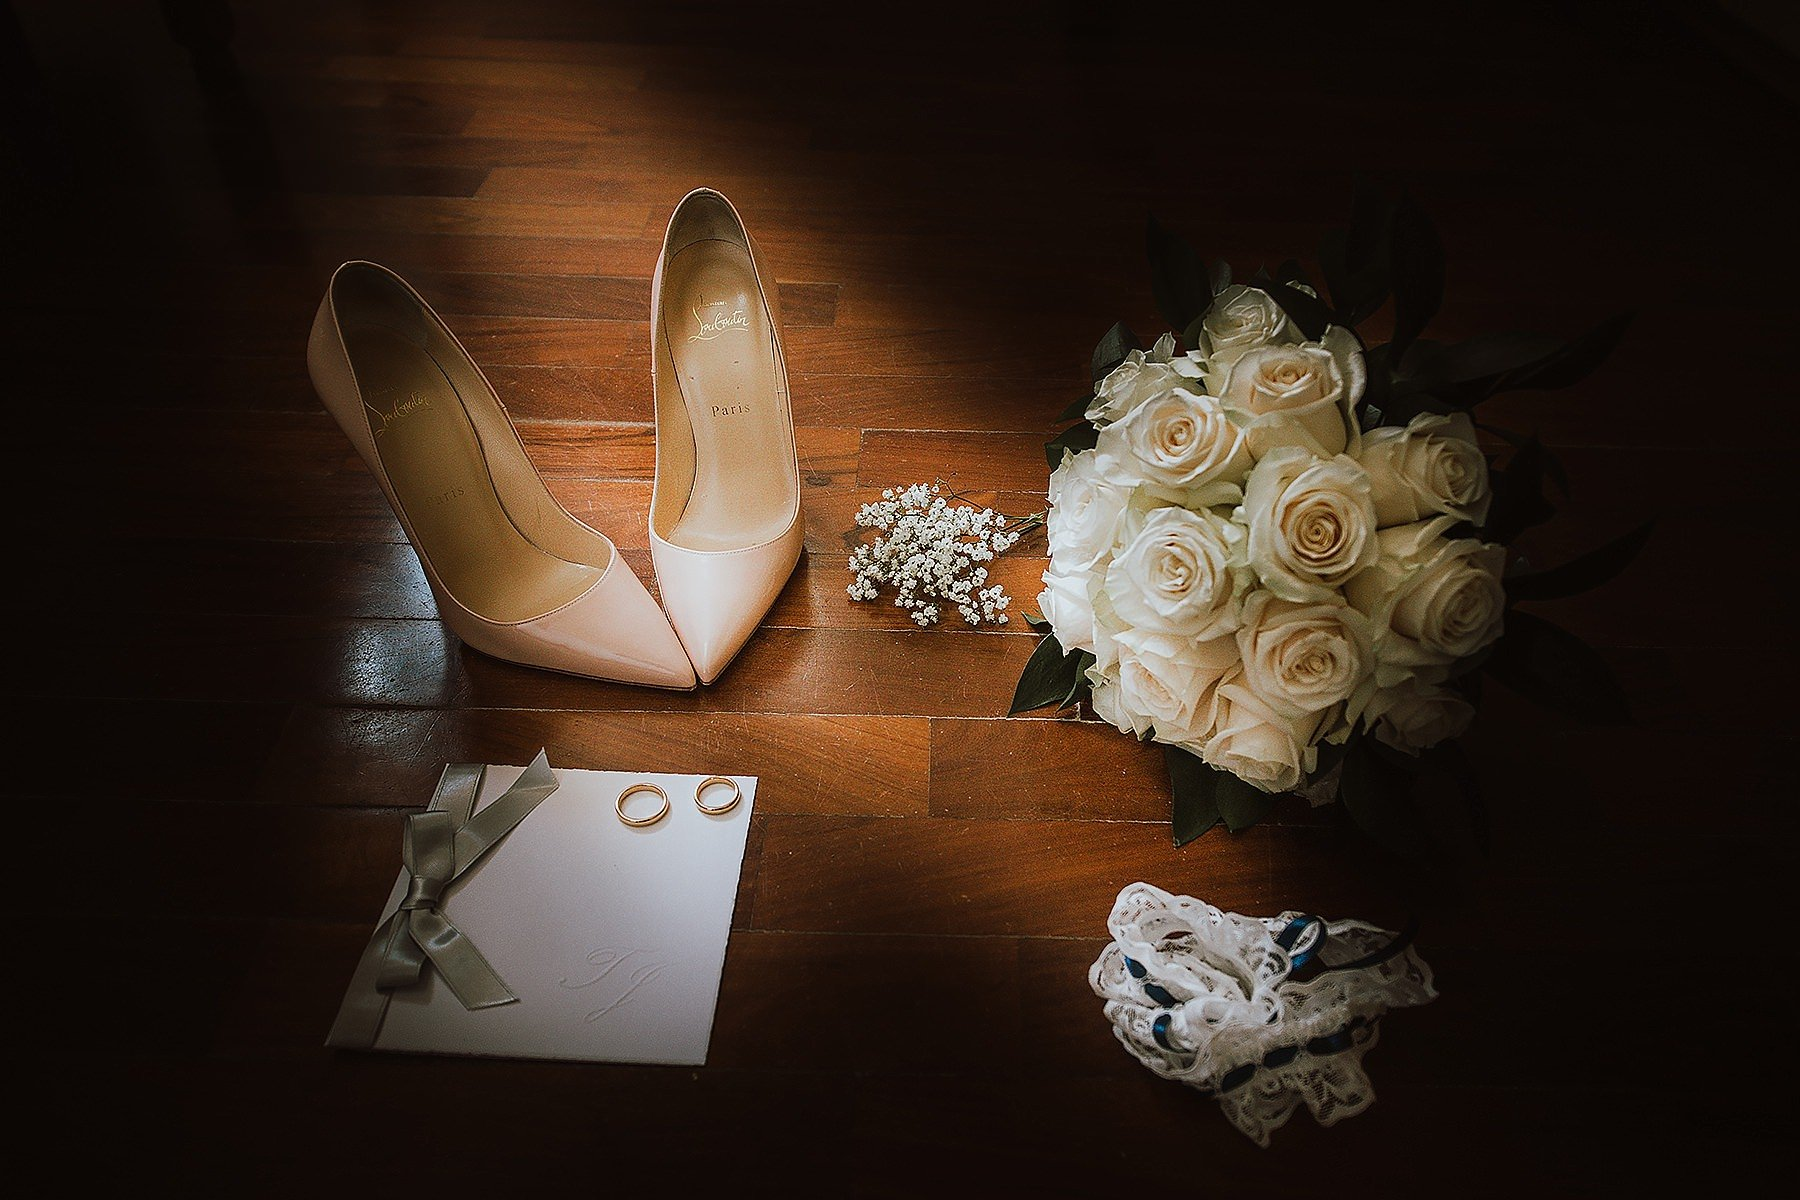 accessori della sposa fotografati con un particolare fascio di luce